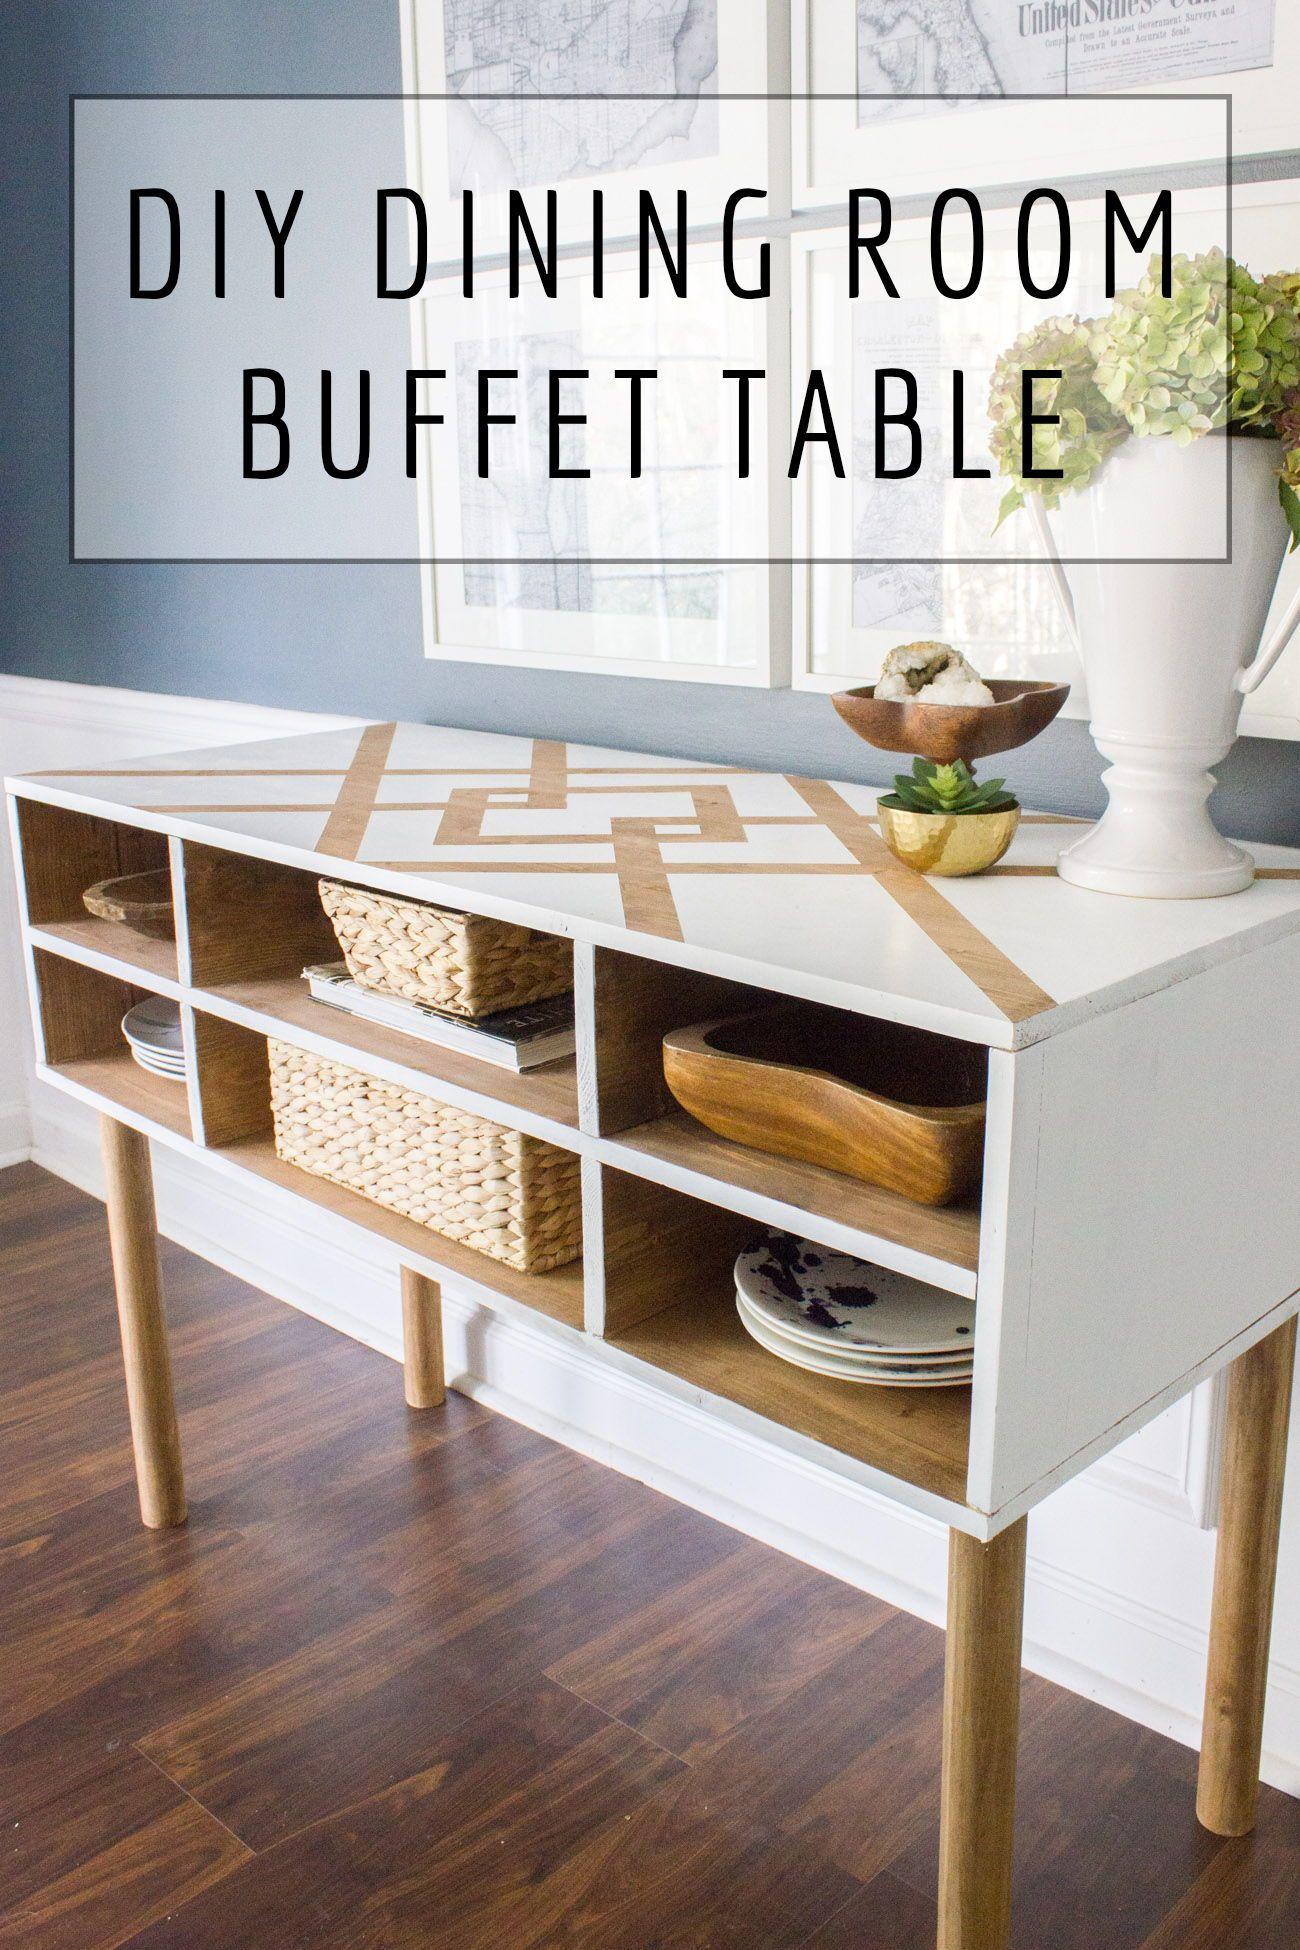 Diy Dining Room Buffet Table Version 1